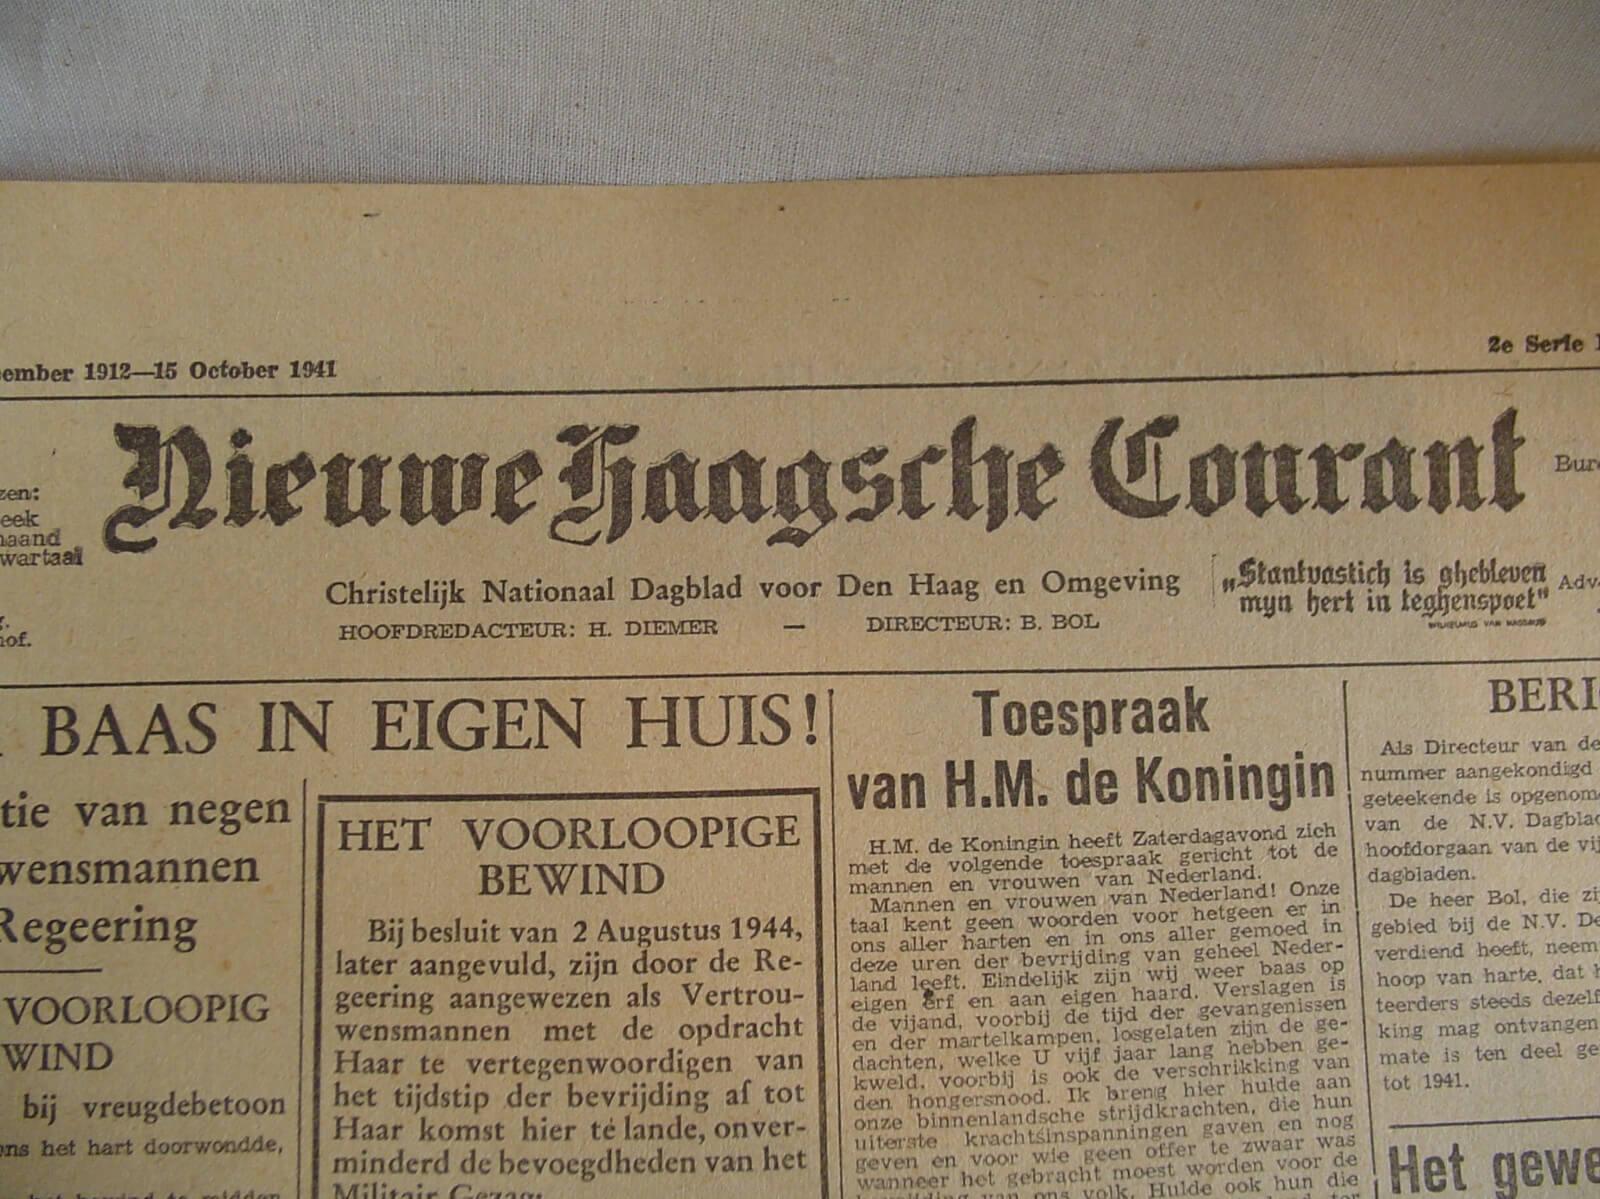 Kranten bevrijding de tweede wereldoorlog krant wo2 1945